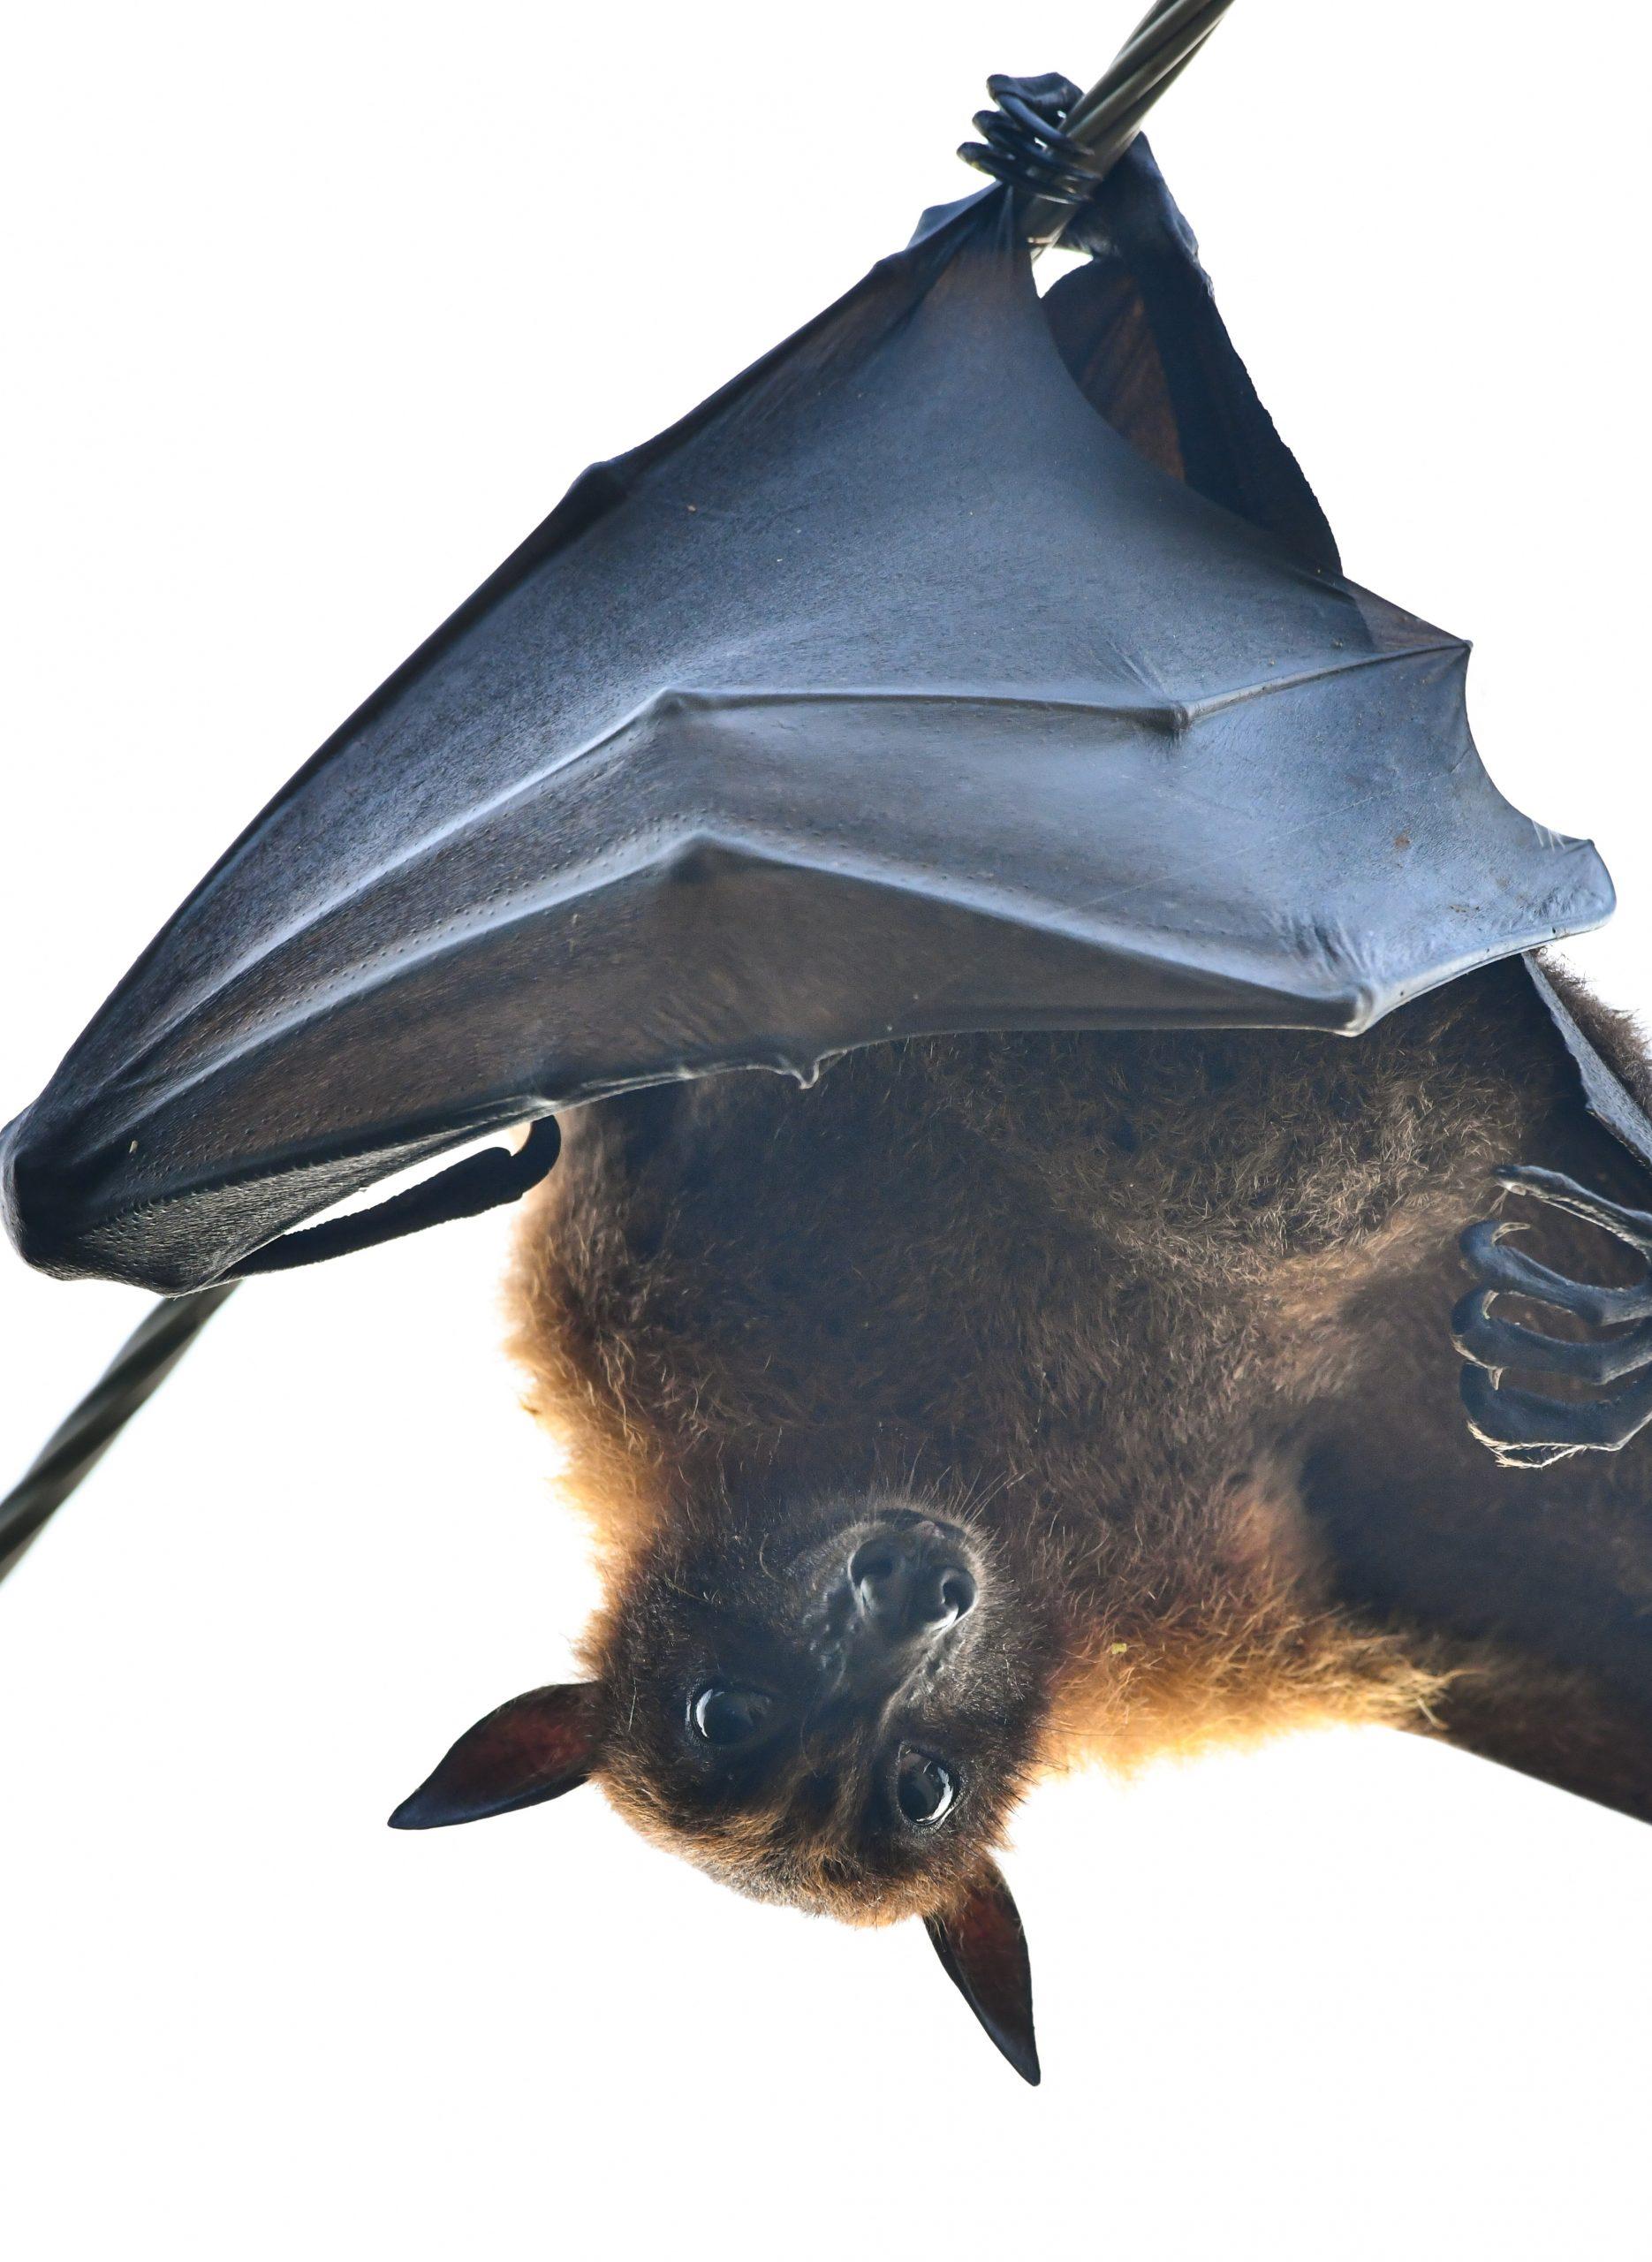 A flying fox